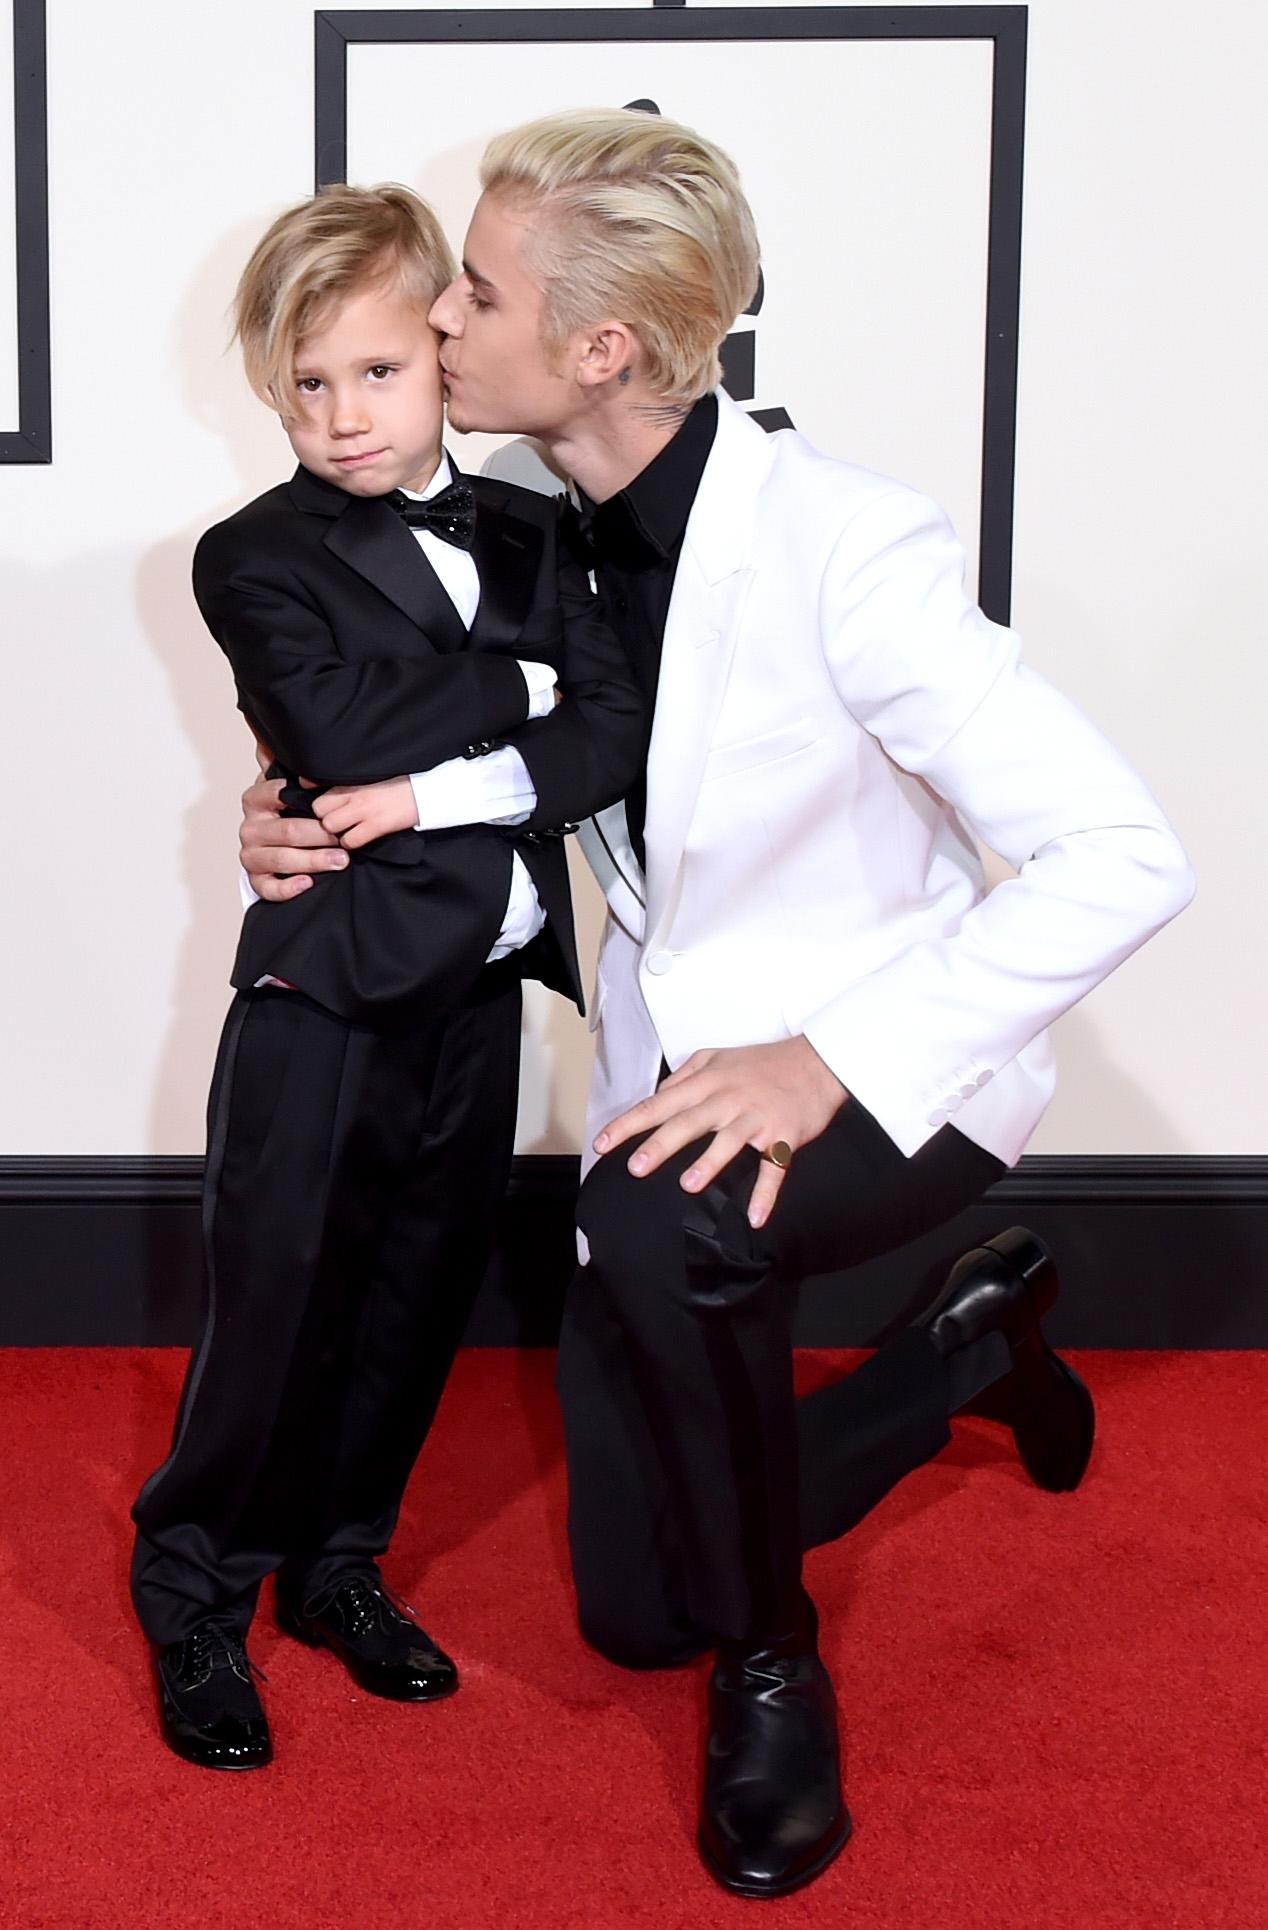 Джастин Бибер с младшим братом на церемонии Грэмми 2016